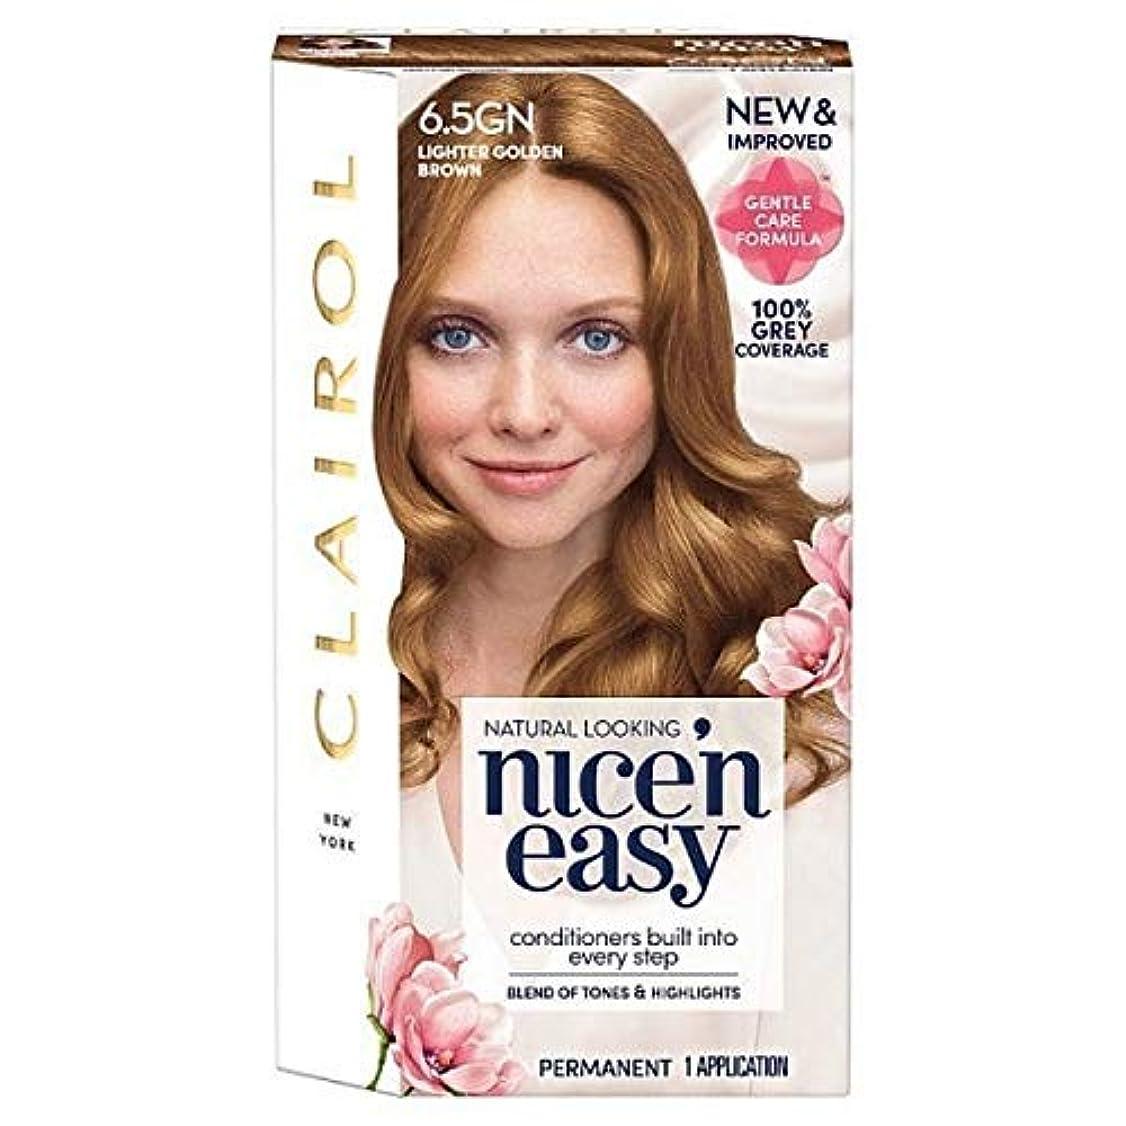 訪問ちょうつがい卵[Nice'n Easy] Nice'N簡単6.5Gn軽くキツネ色 - Nice'n Easy 6.5Gn Lighter Golden Brown [並行輸入品]